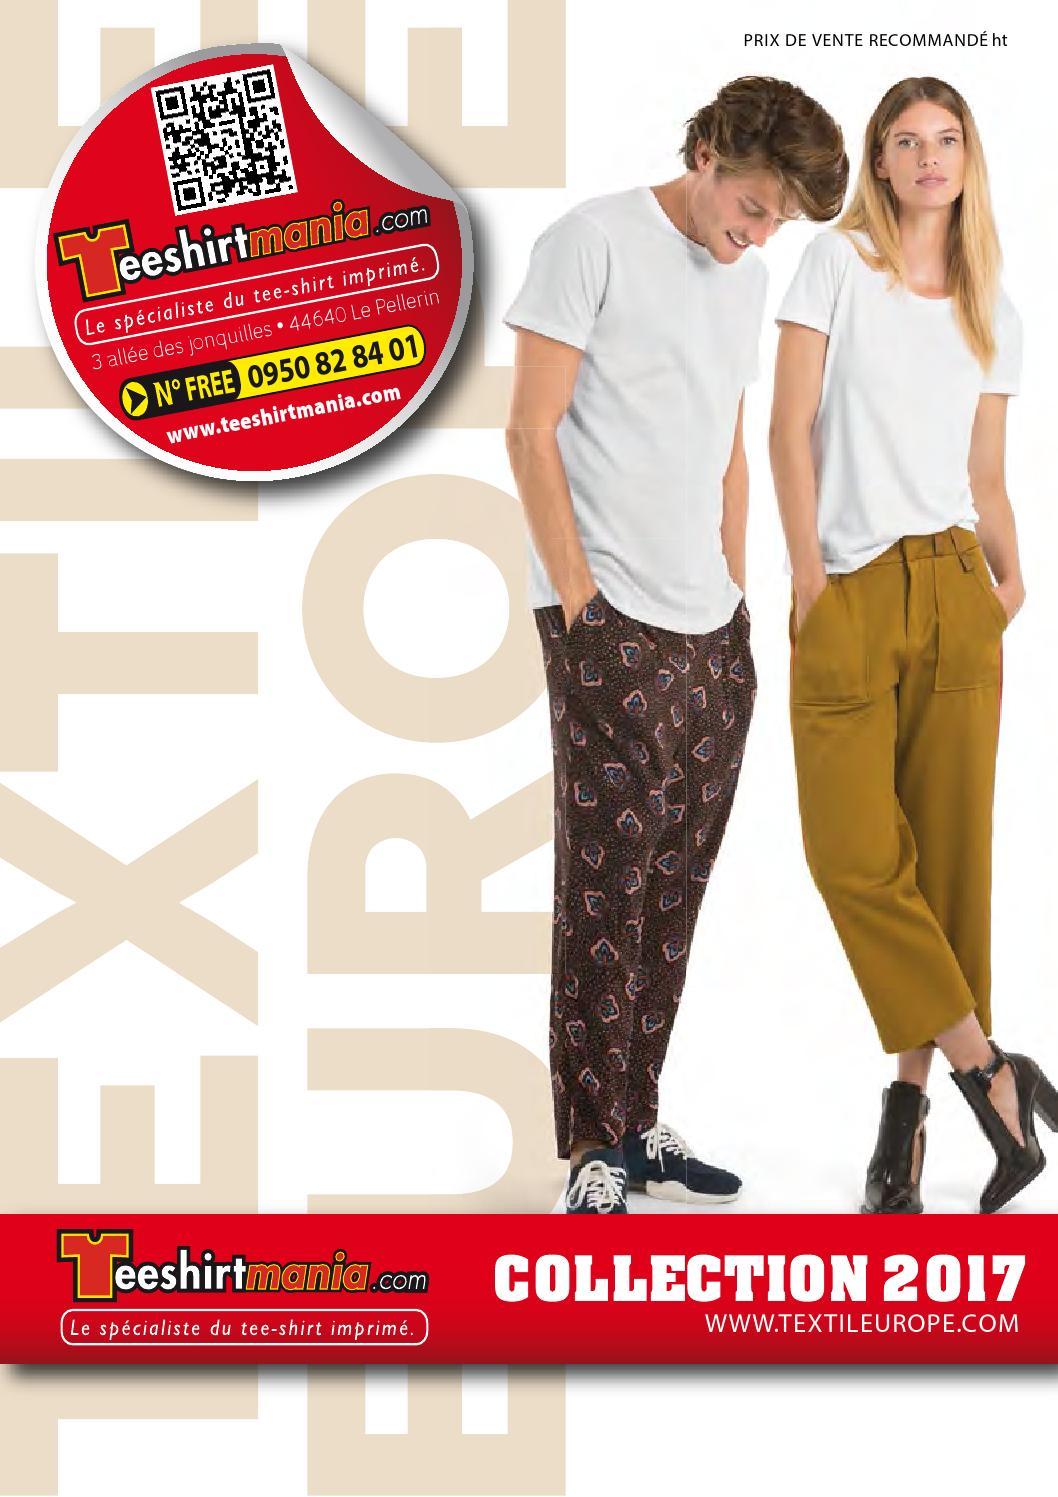 8654d6f024eeb Catalogue textile 2017 teeshirtmania web 499p by TEESHIRTMANIA.com - issuu